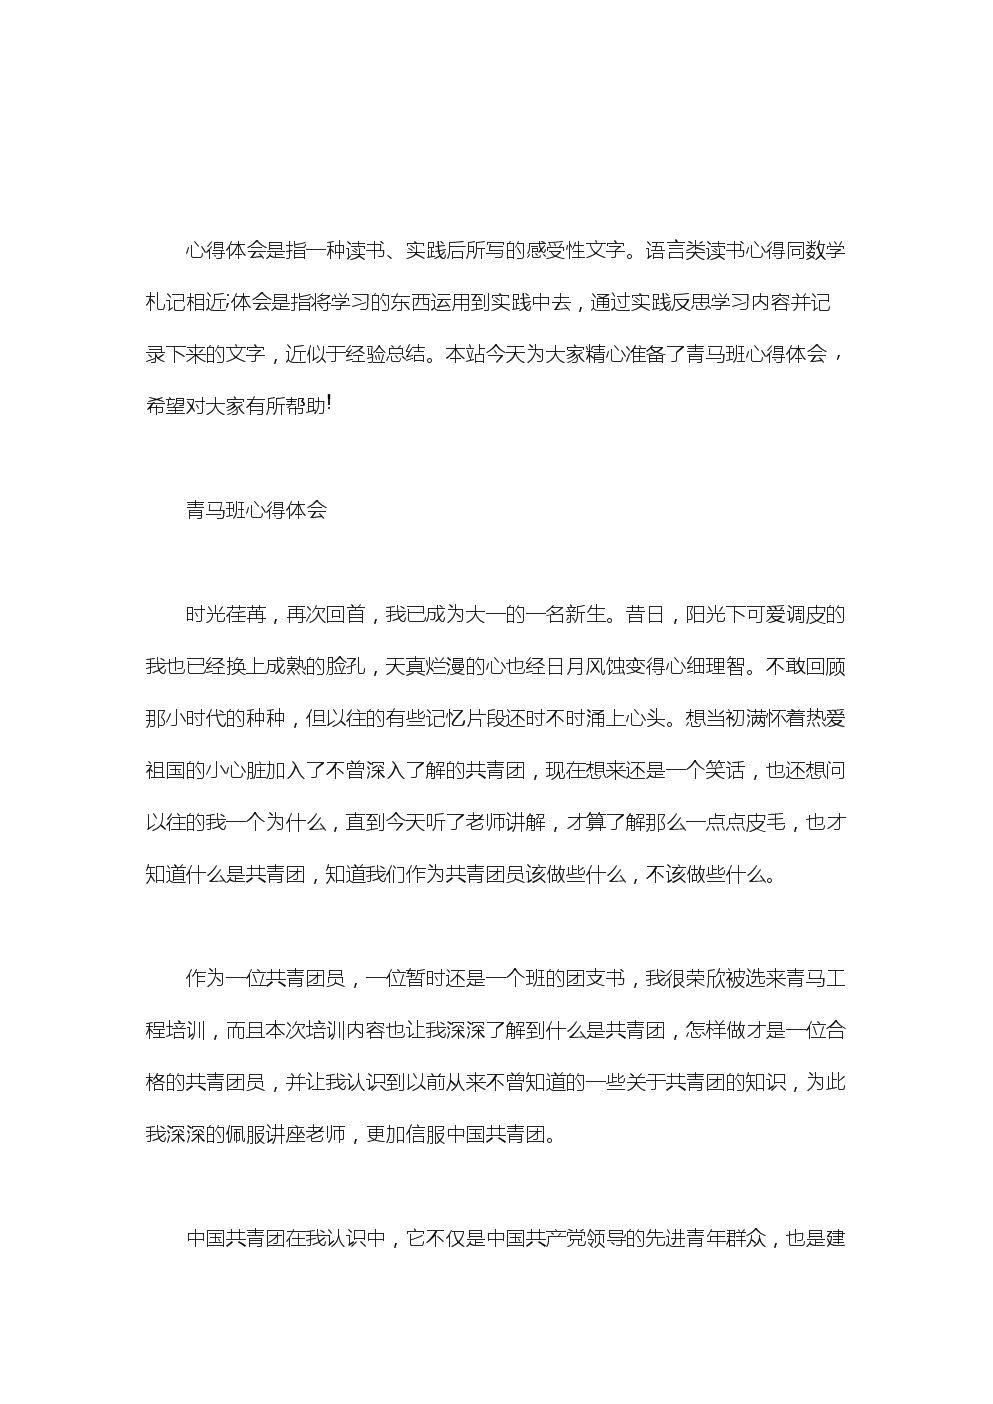 青马班心得体会3篇.doc